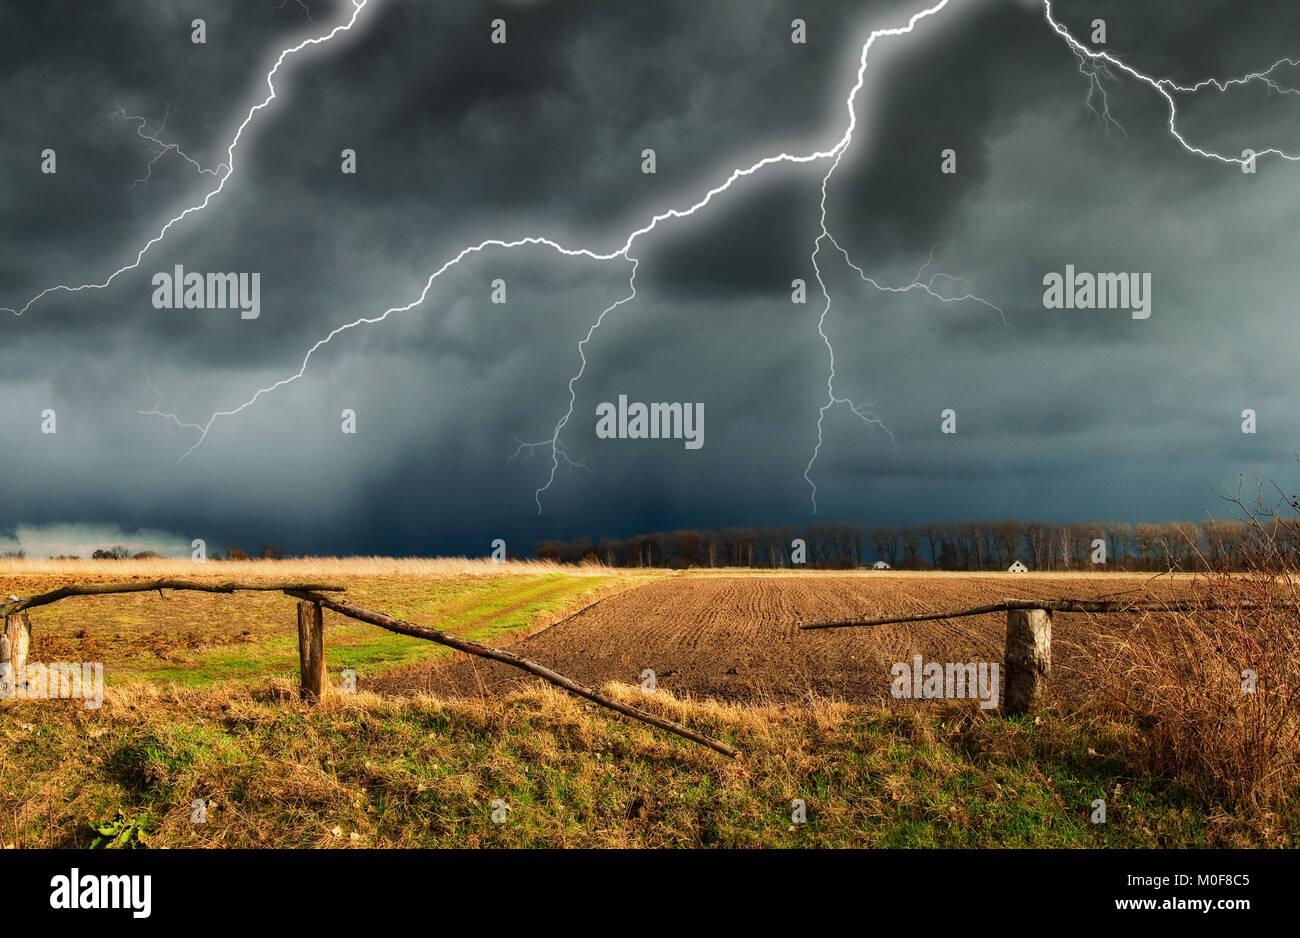 Thunder Himmel. Blitz am Himmel dunkle Wolken Stockfoto